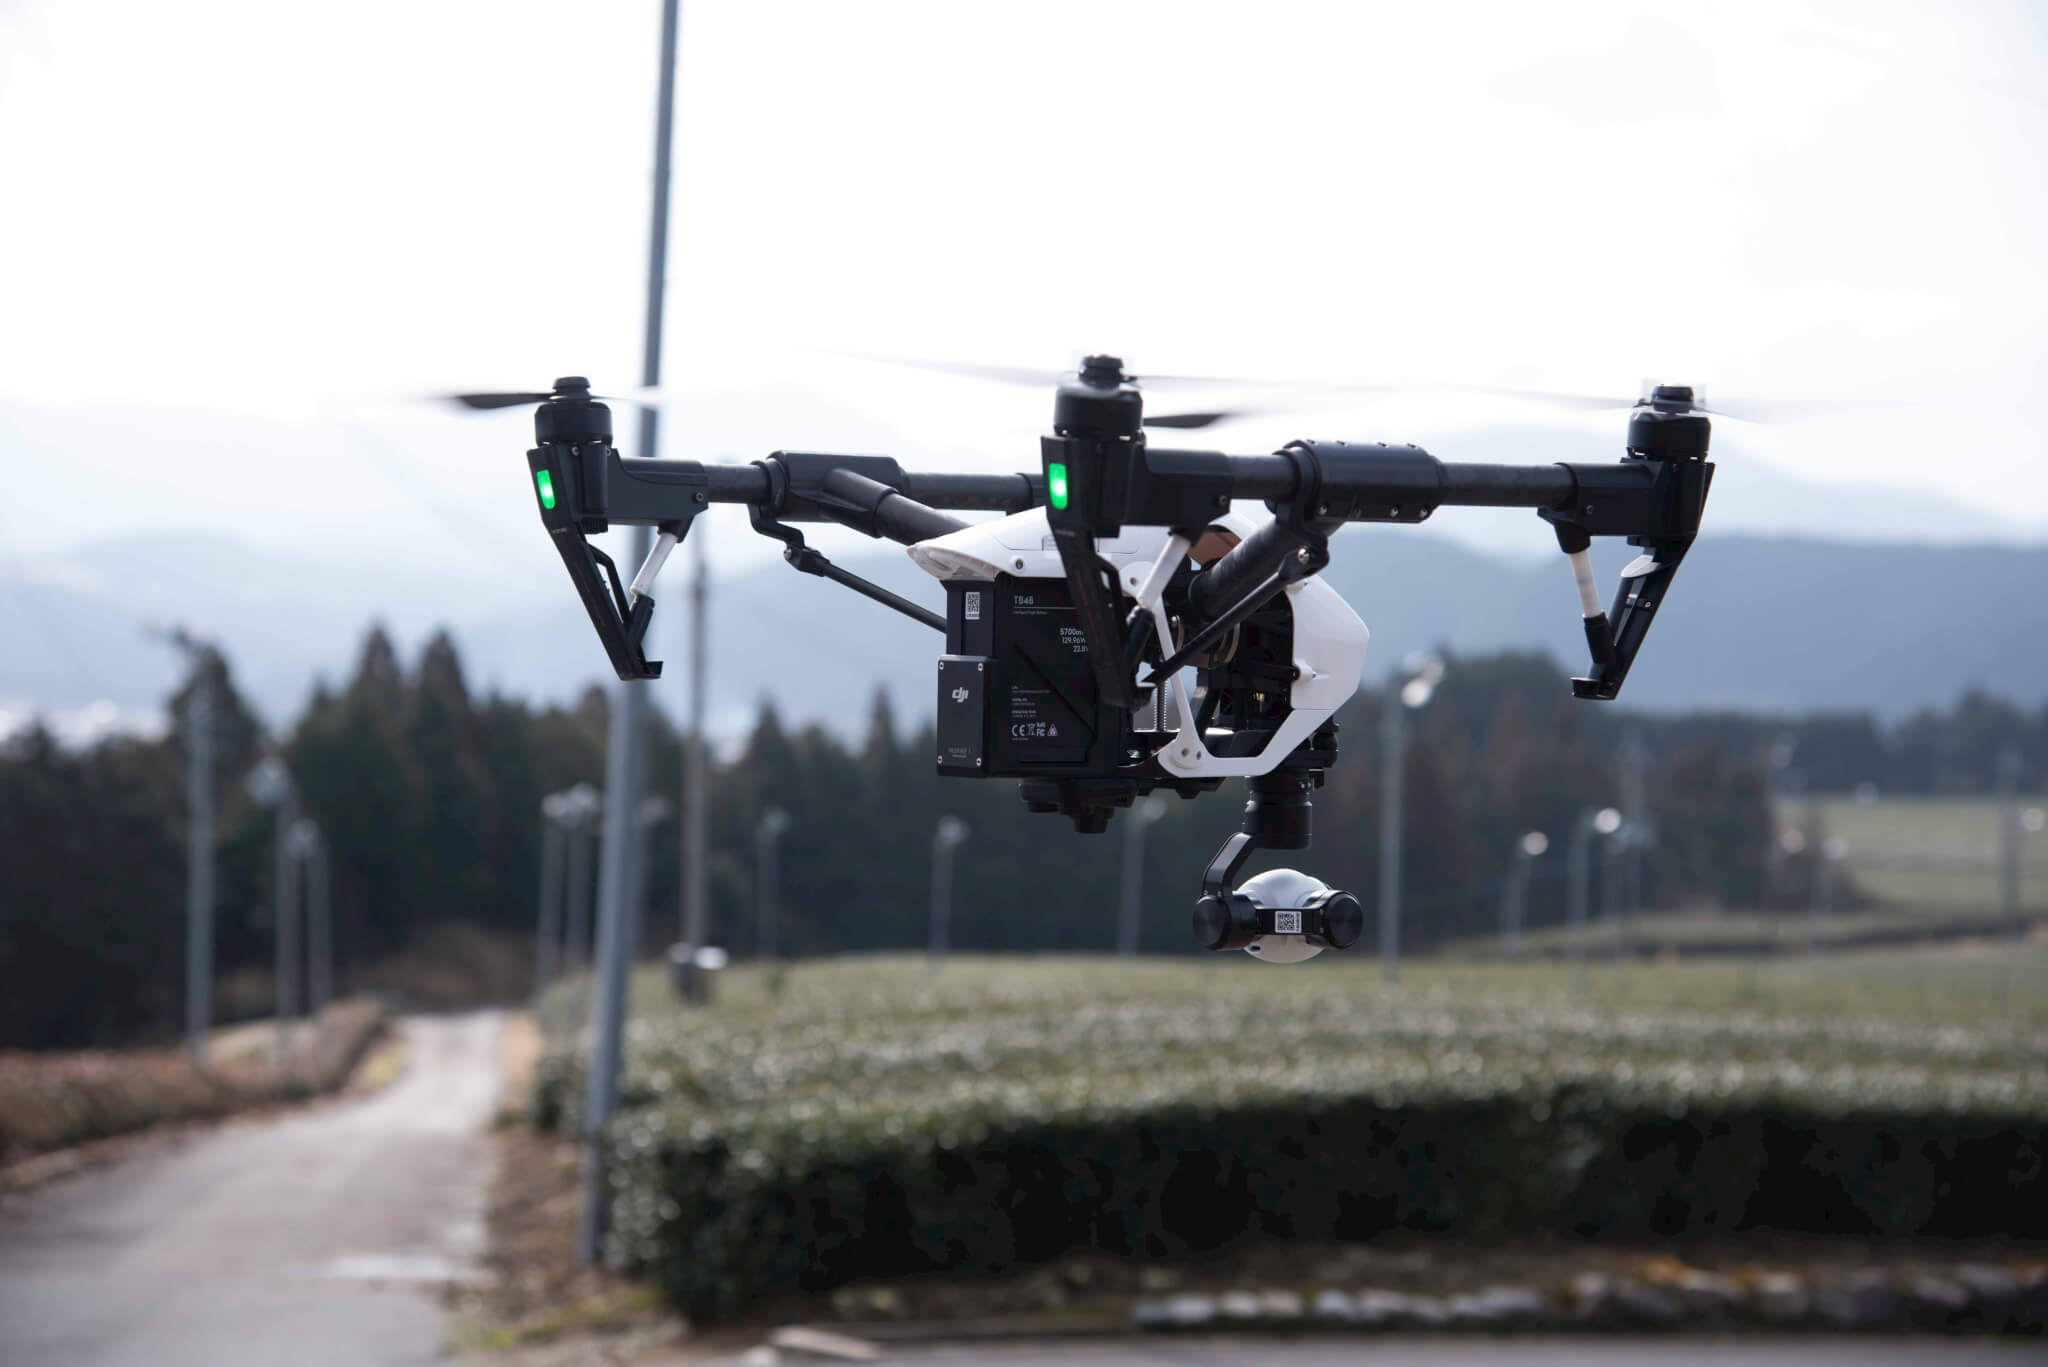 ドローン空撮動画撮影のイメージ